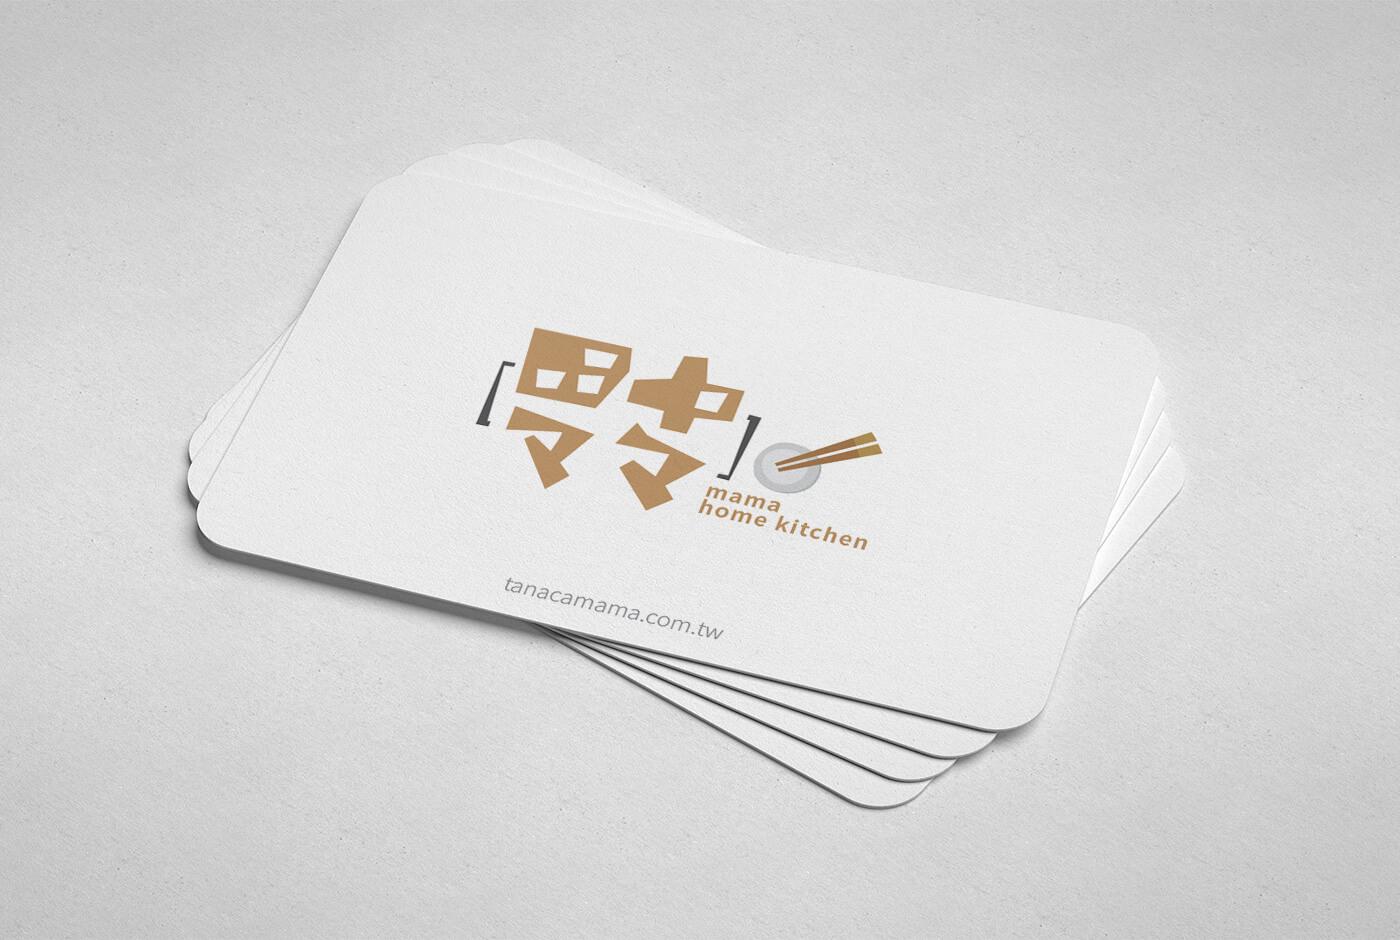 日式料理餐館名片設計